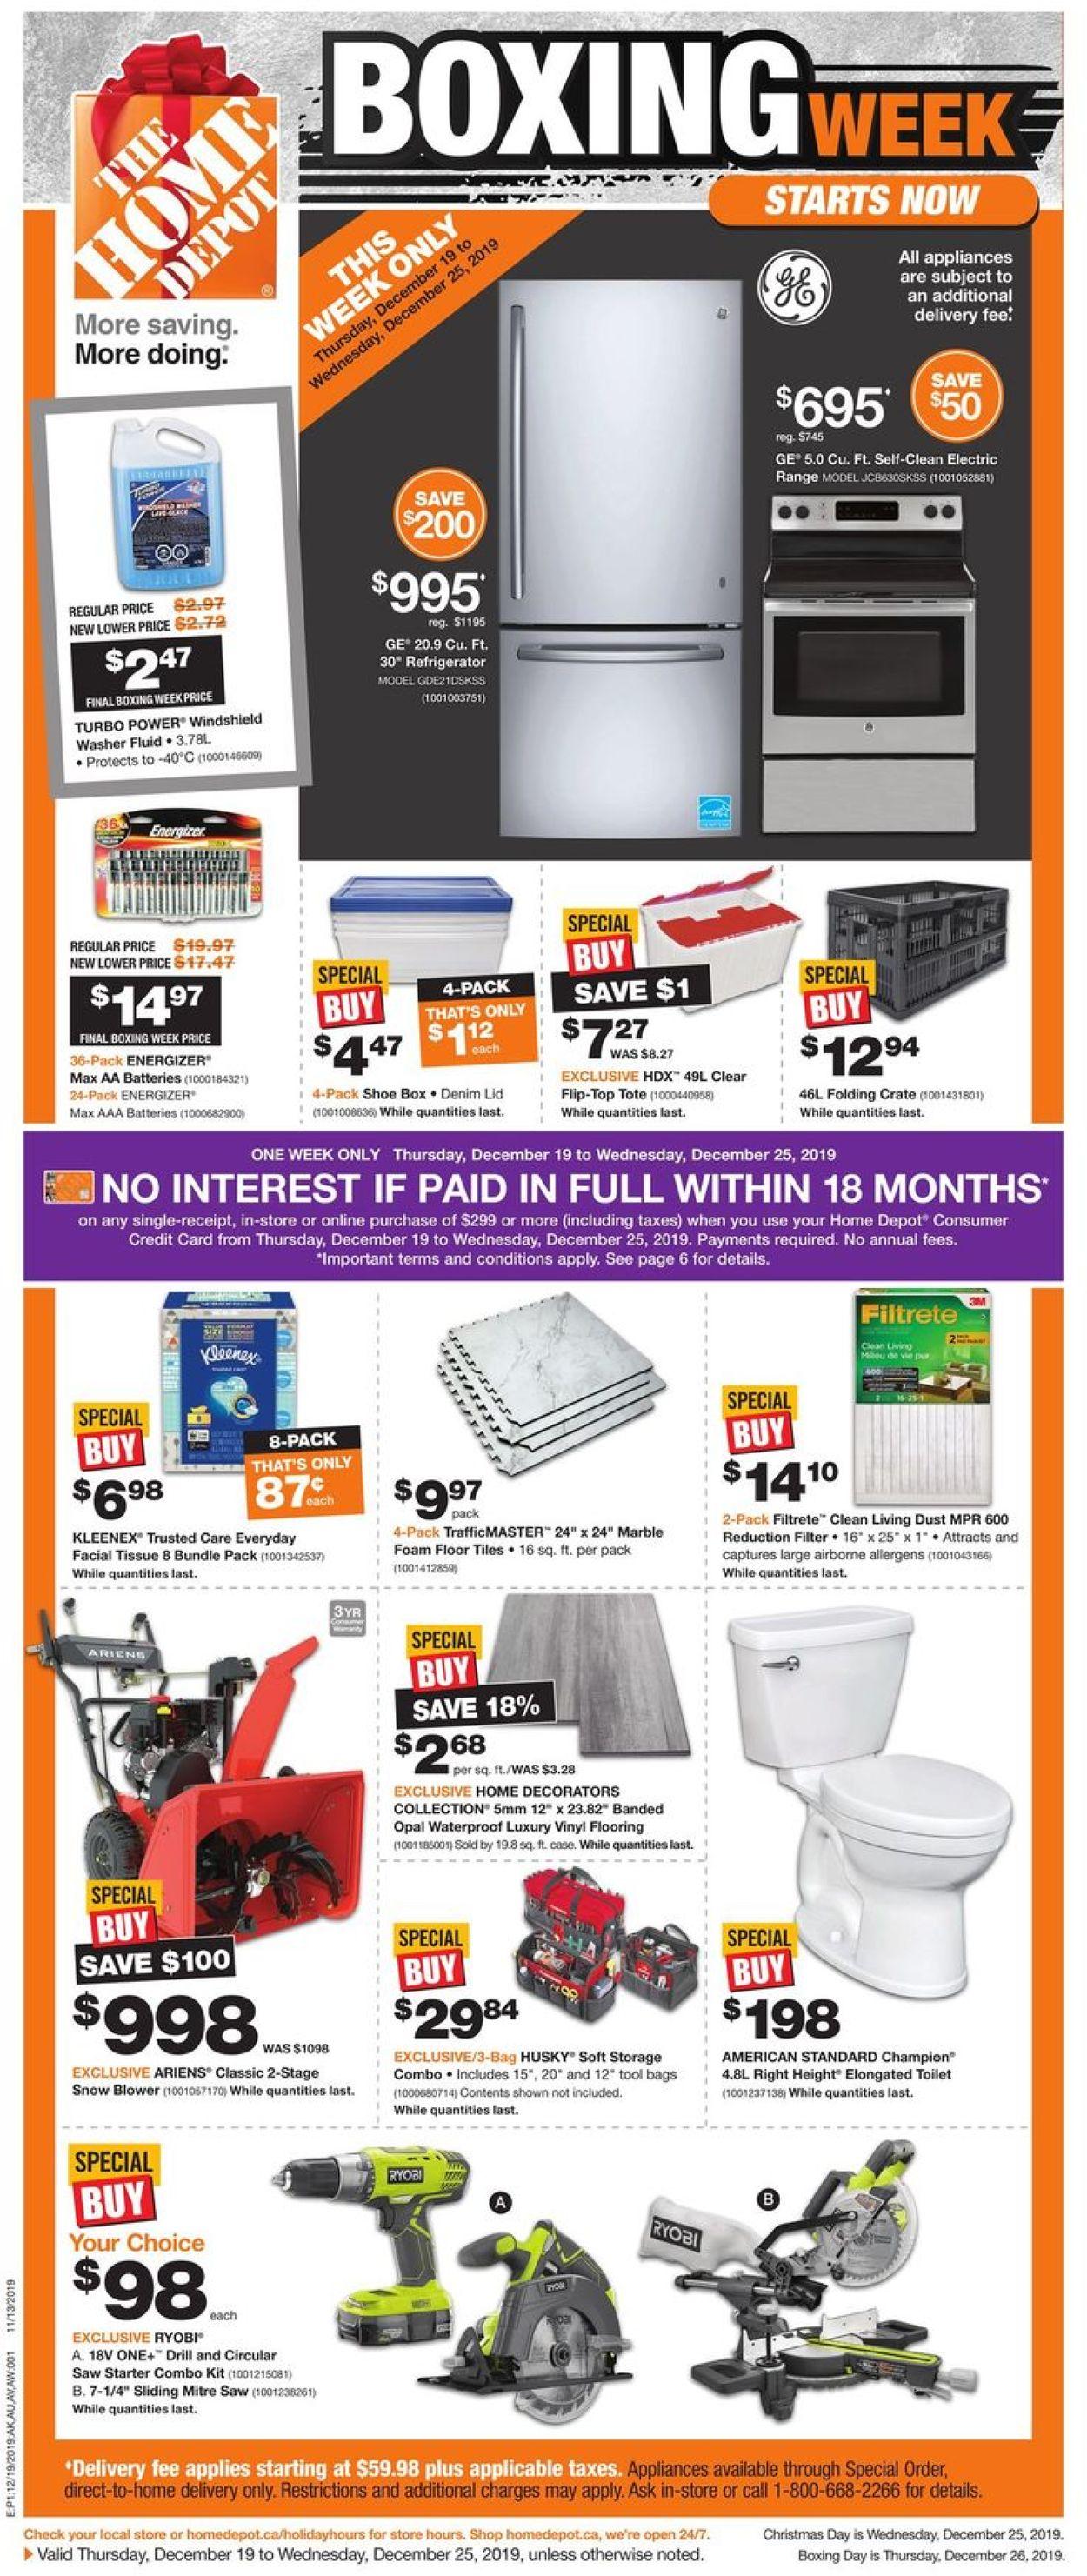 Home Depot - Christmas 2019 Flyer - Boxing Week Deals